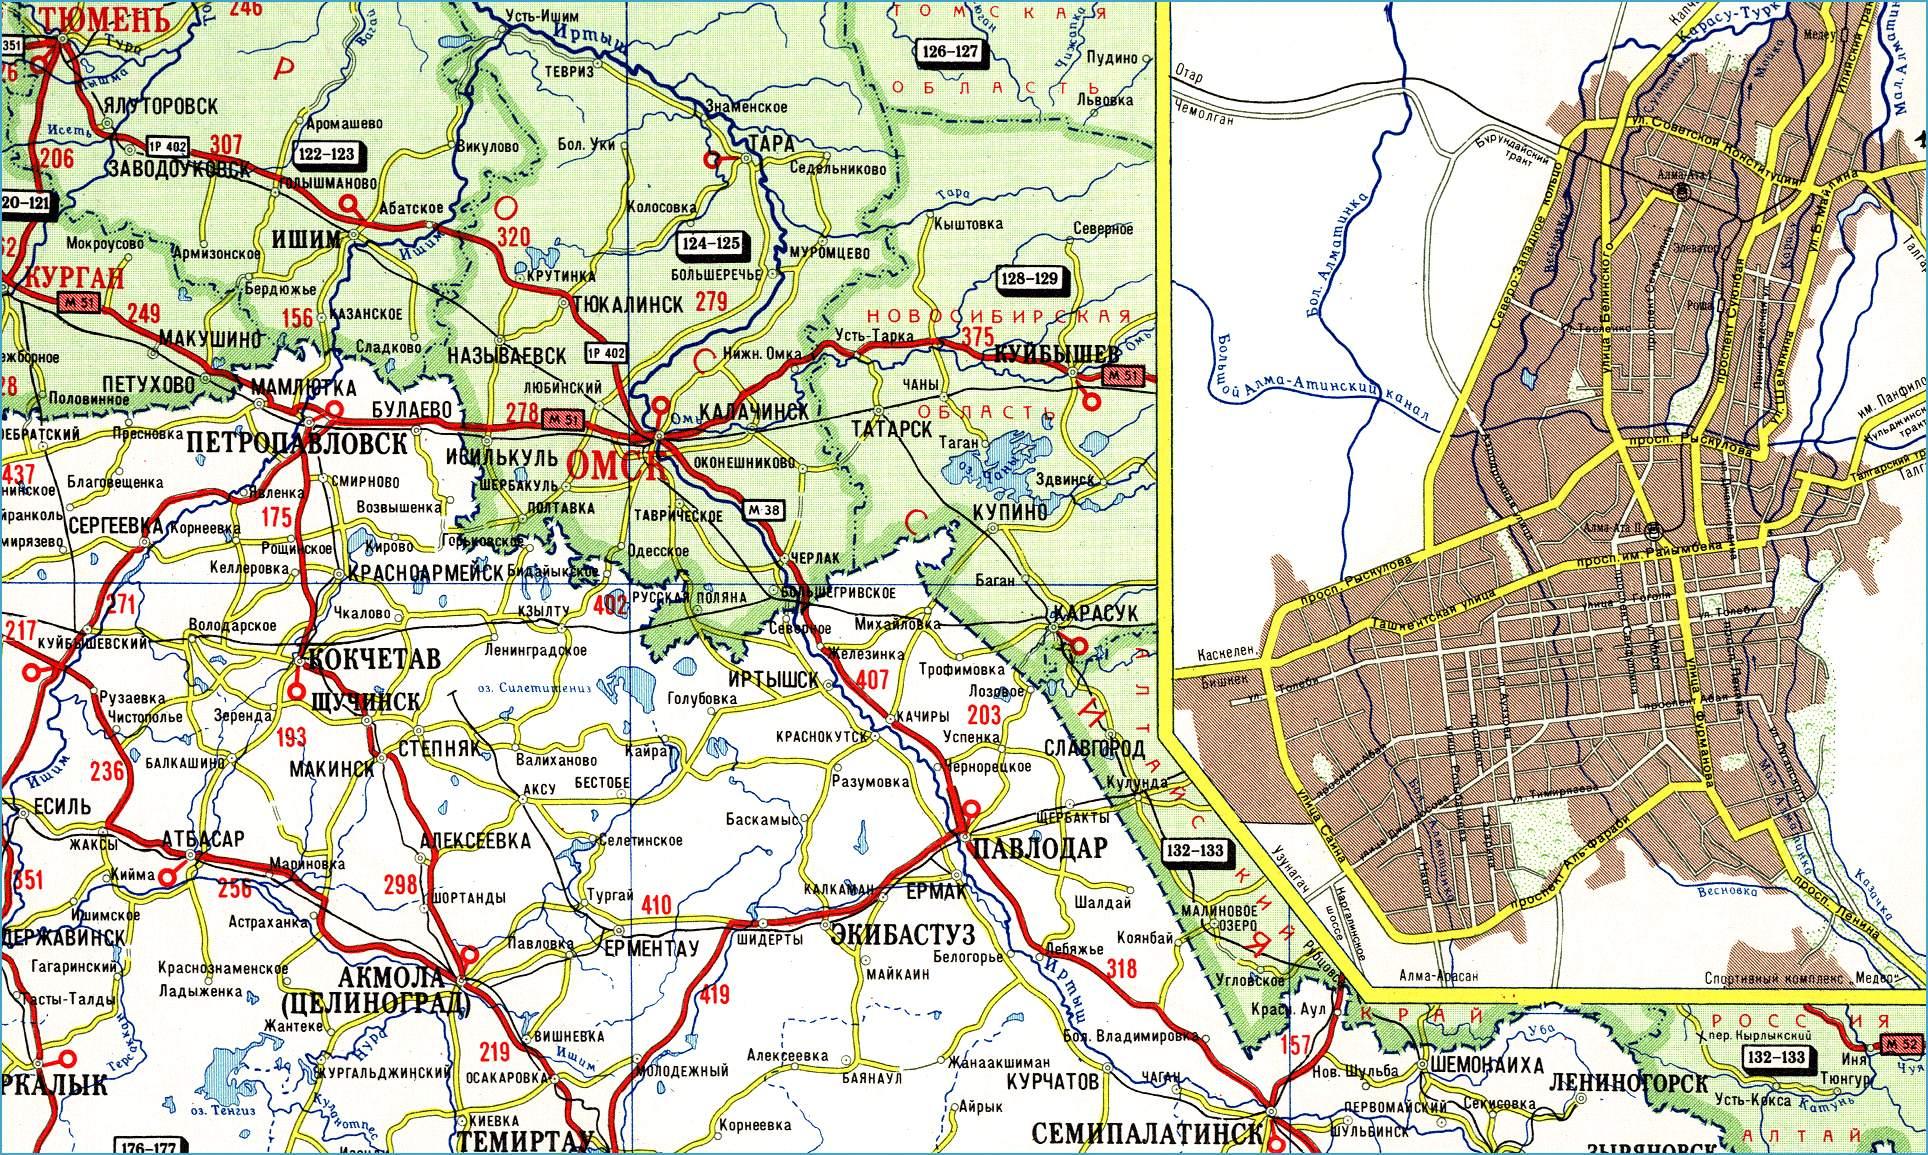 Онлайн карта пограничных пунктов России Информация